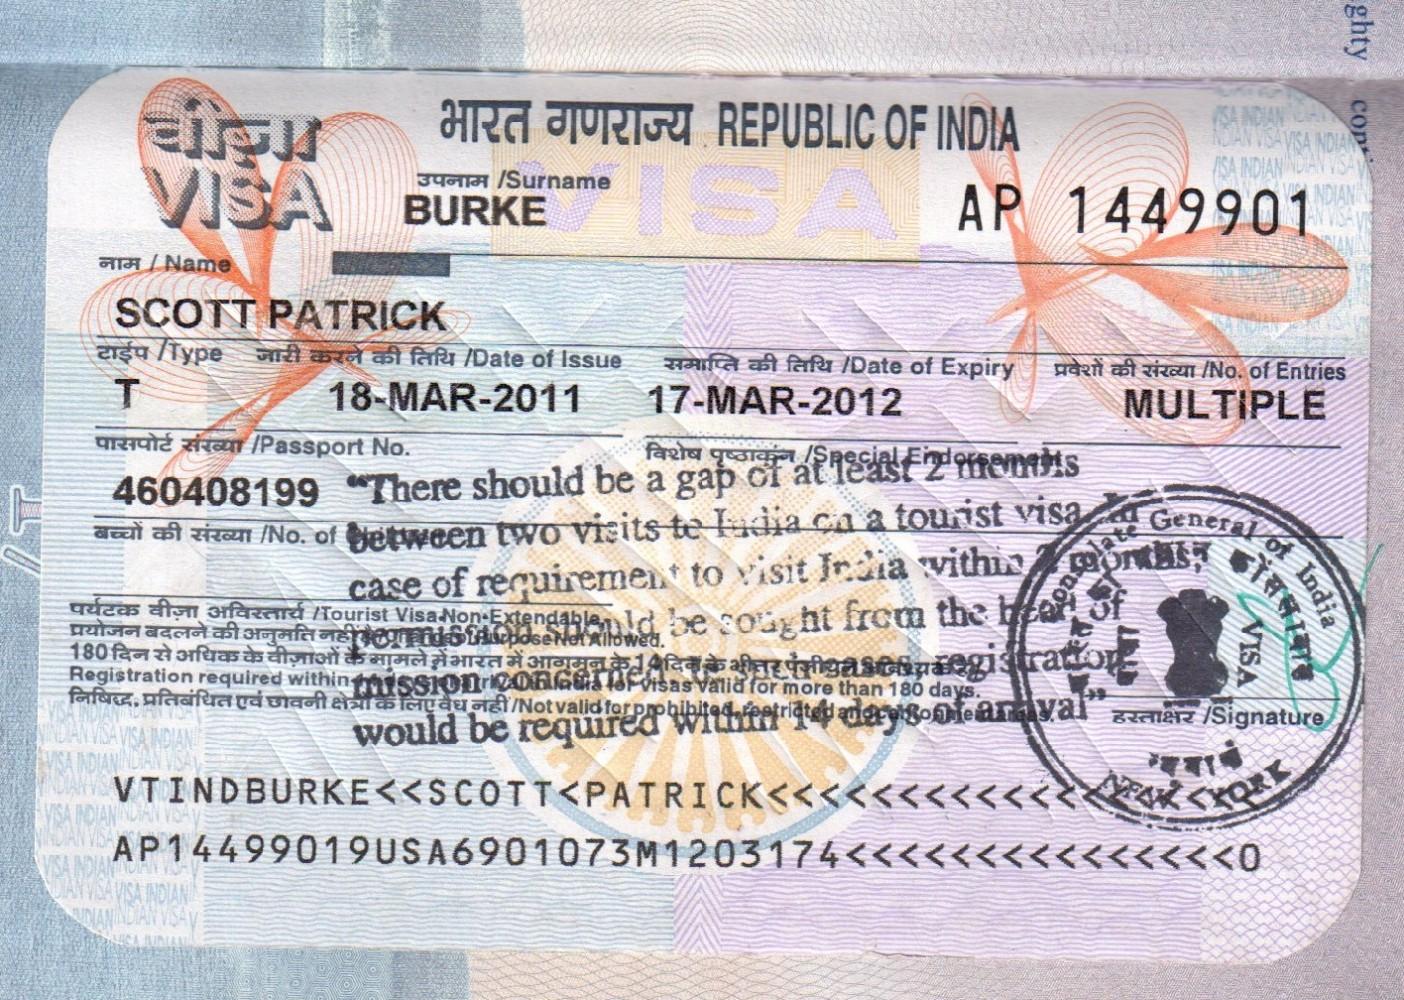 Можно ли оформить визу в Индию на 6 месяцев?